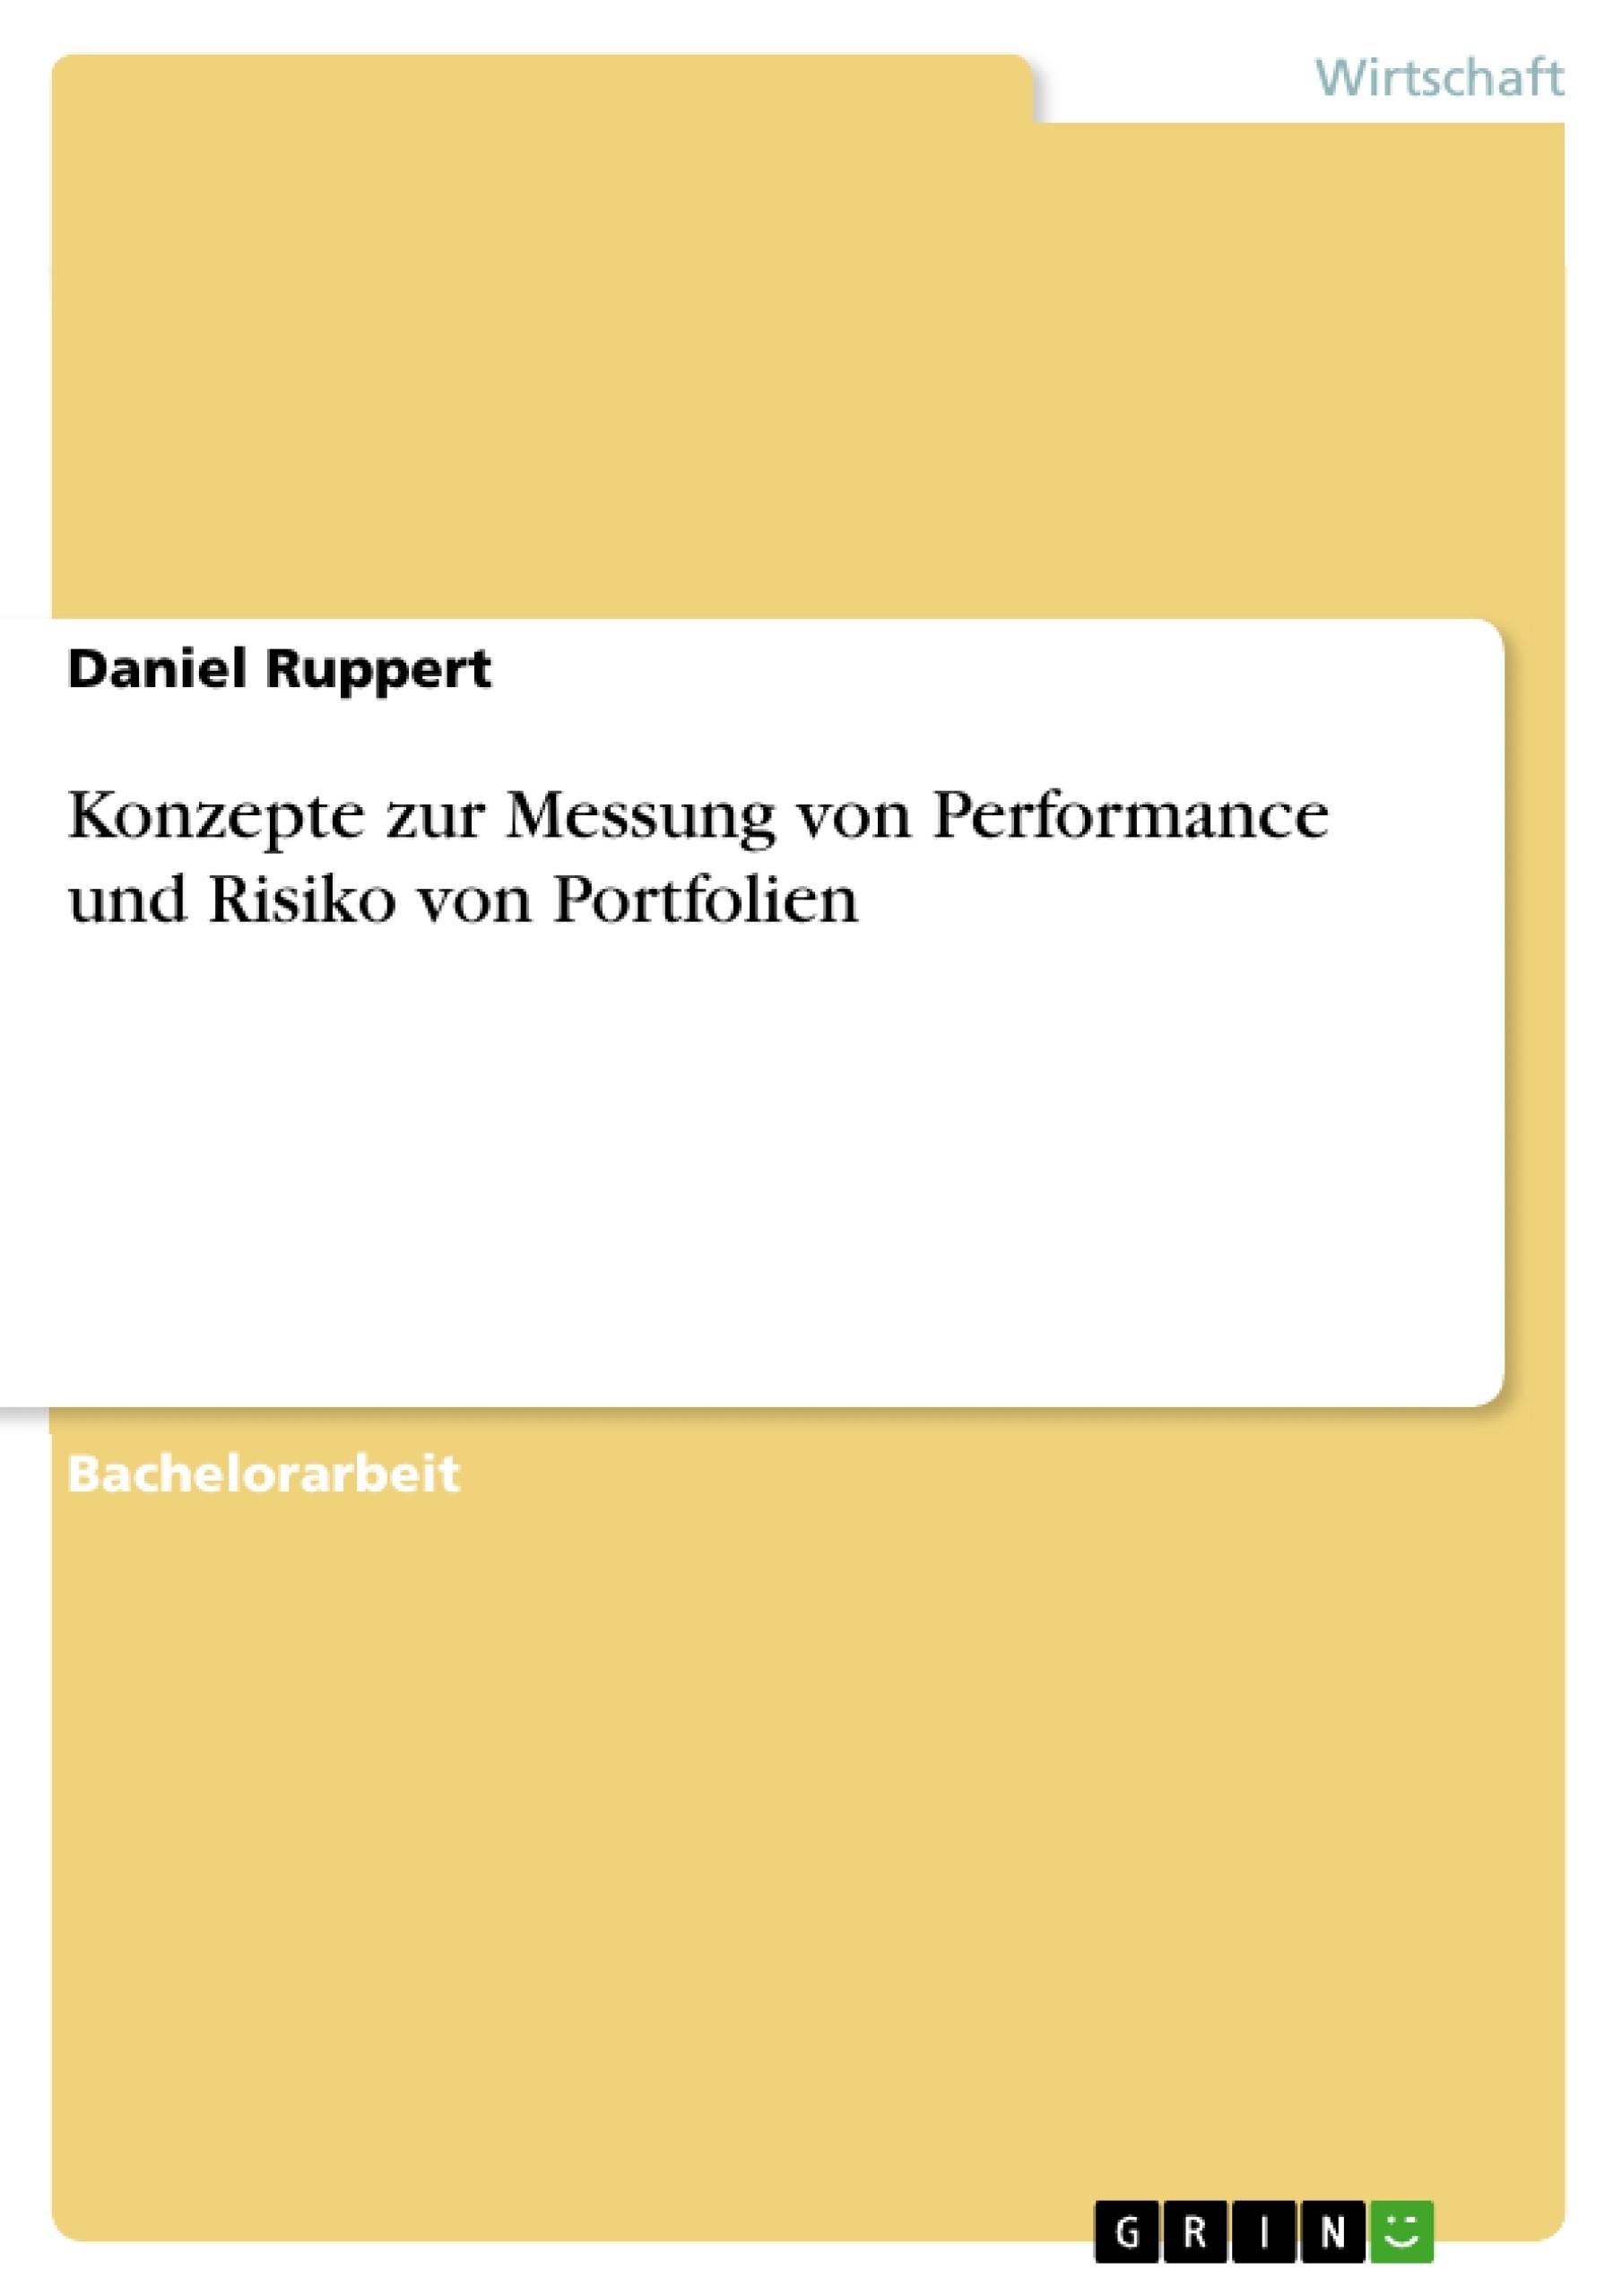 Titel: Konzepte zur Messung von Performance und Risiko von Portfolien